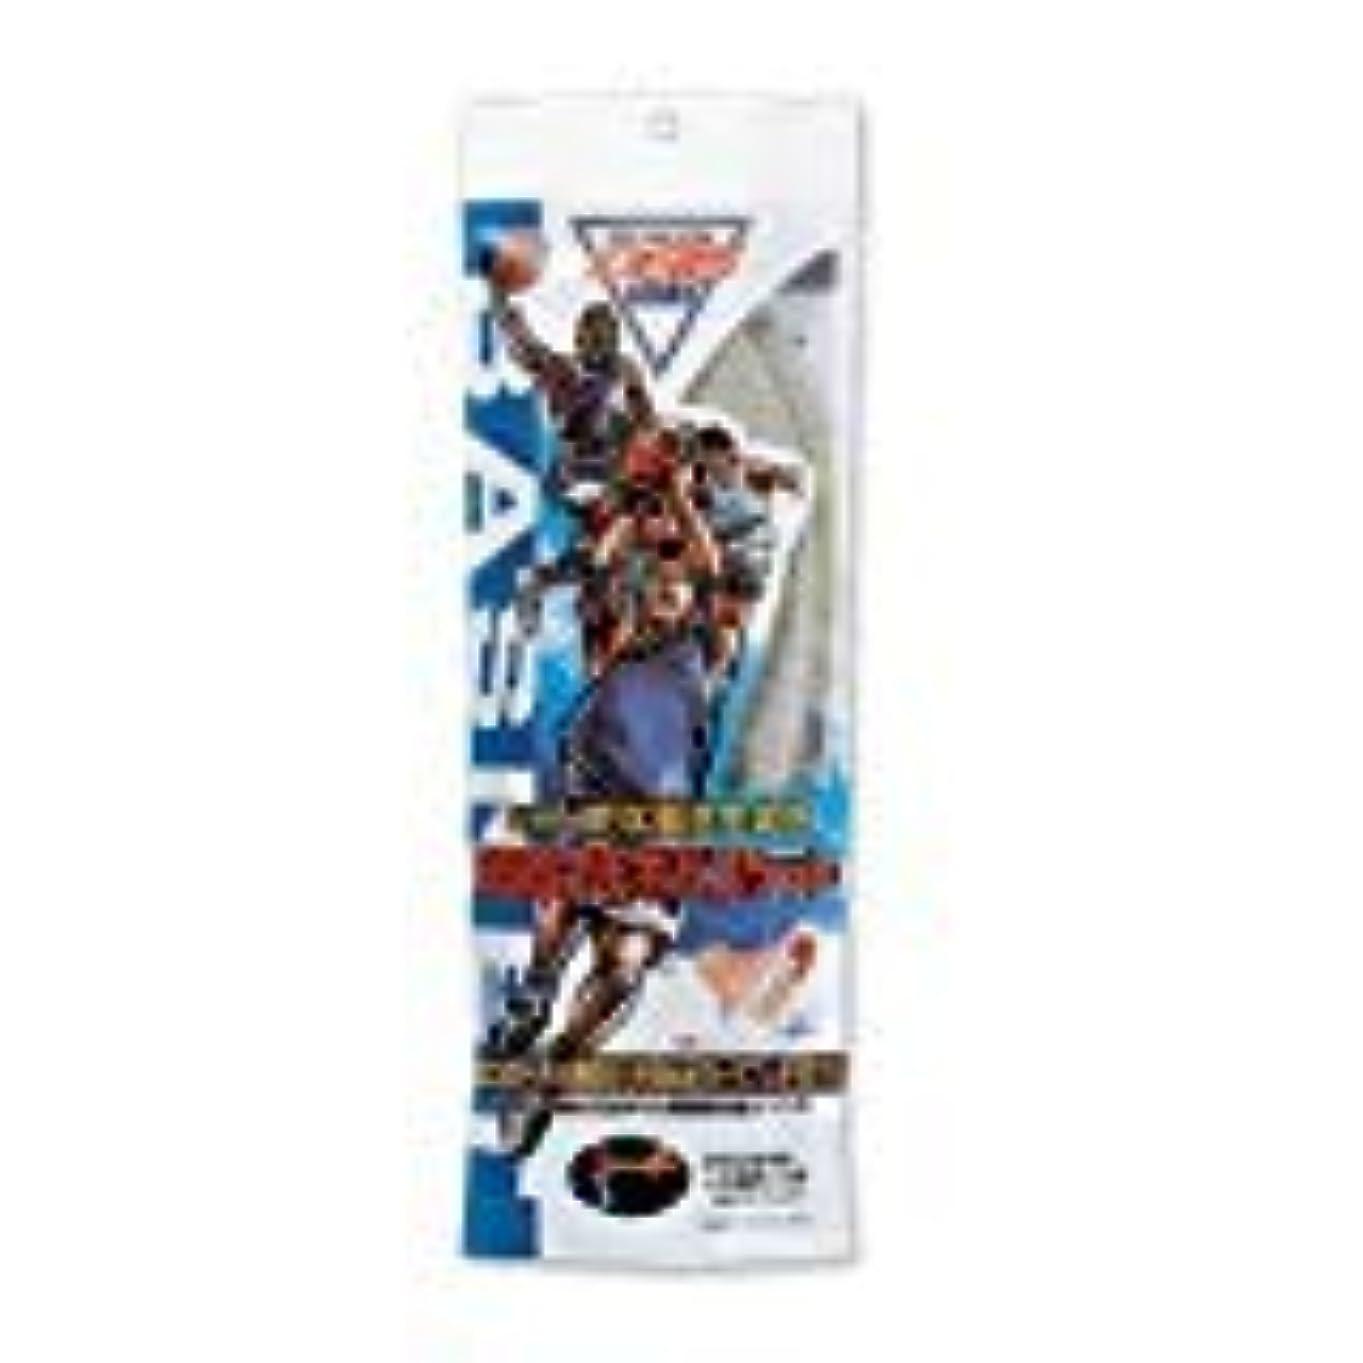 ポスター回転販売計画DSIS ソルボ バスケット (【S】23.5-24.5cm) 61398